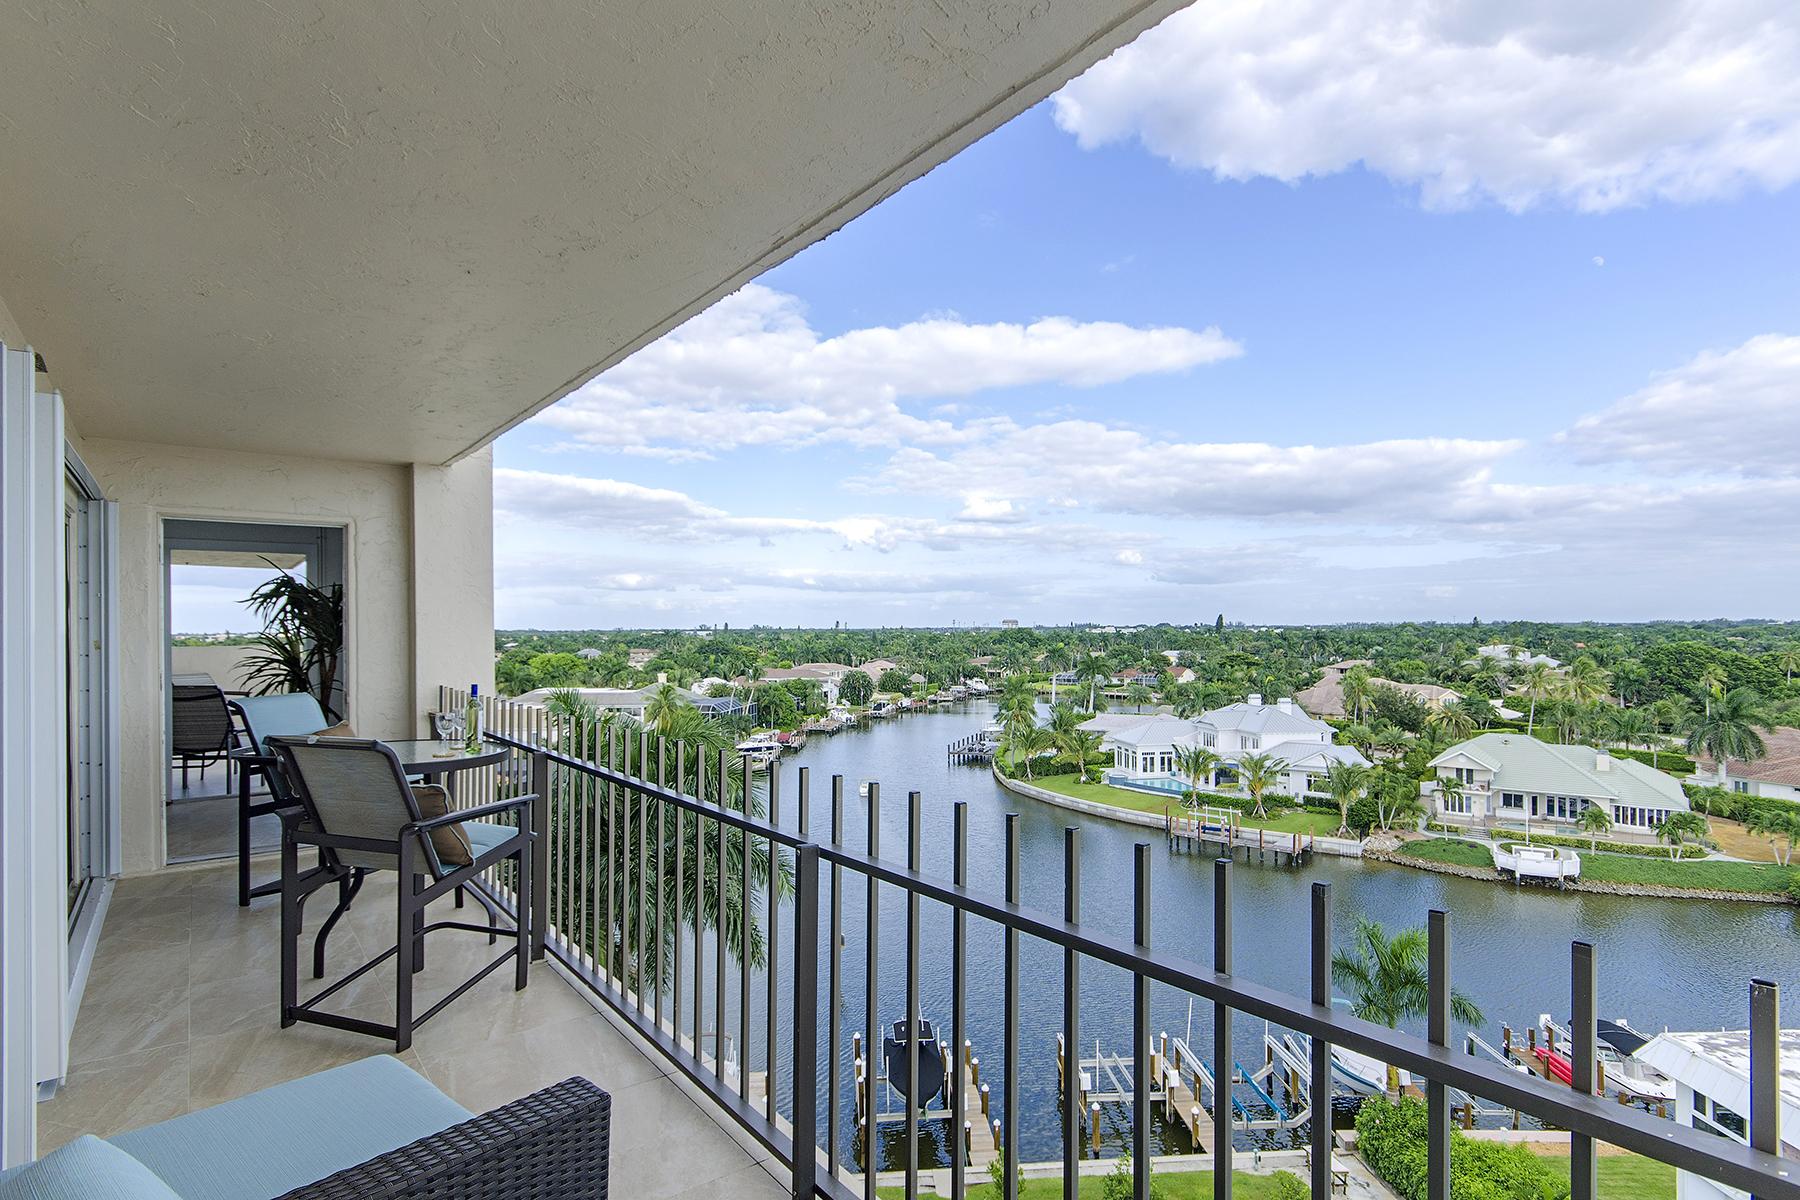 Nhà chung cư vì Bán tại MOORINGS - KINGSPORT 2150 Gulf Shore Blvd N PS Naples, Florida, 34102 Hoa Kỳ